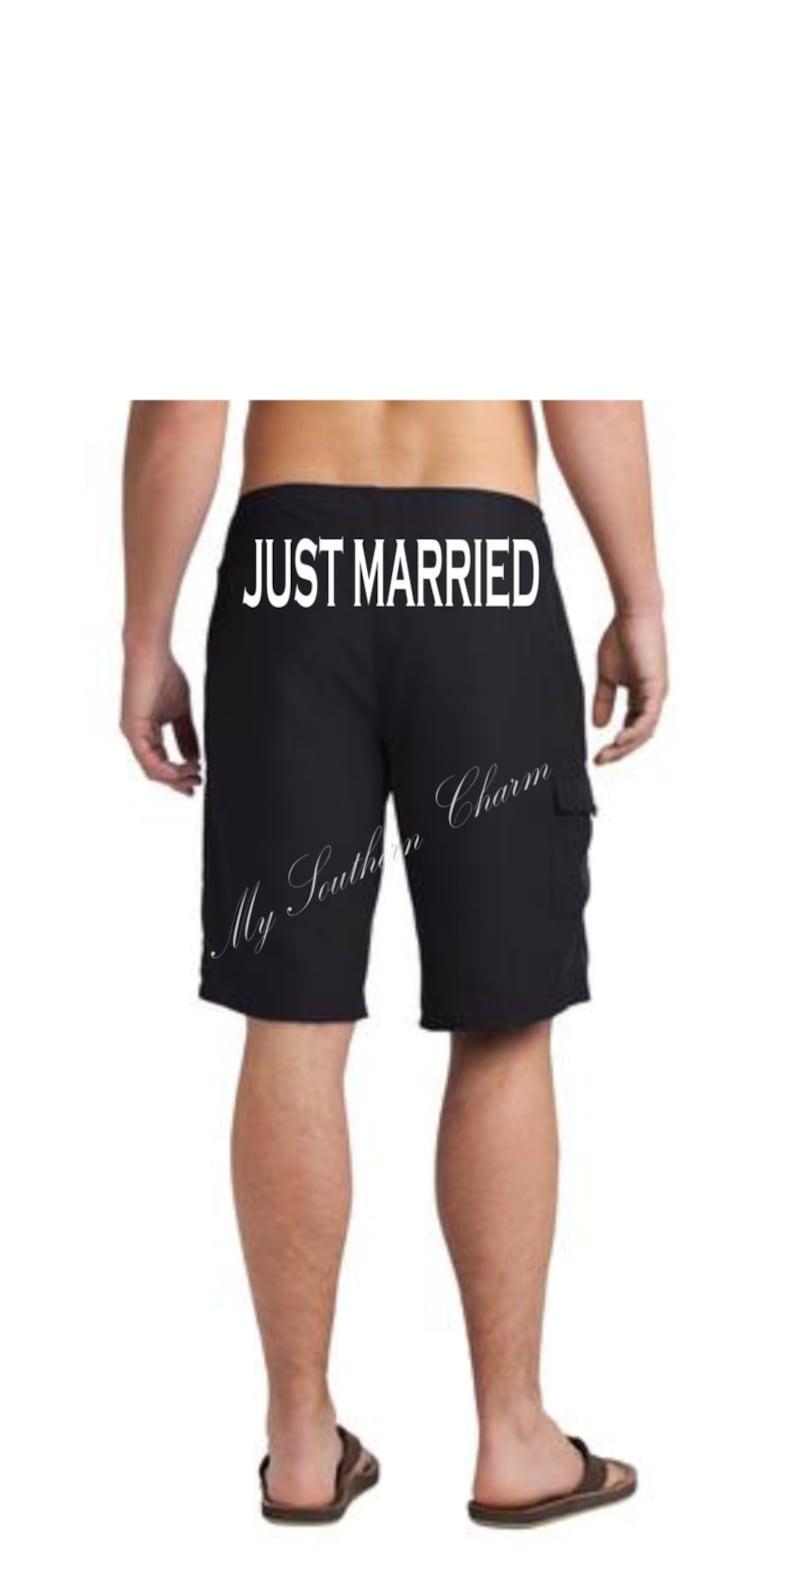 5bd4e37eea6be Just Married Board Short Honeymoon Groom Board Short | Etsy